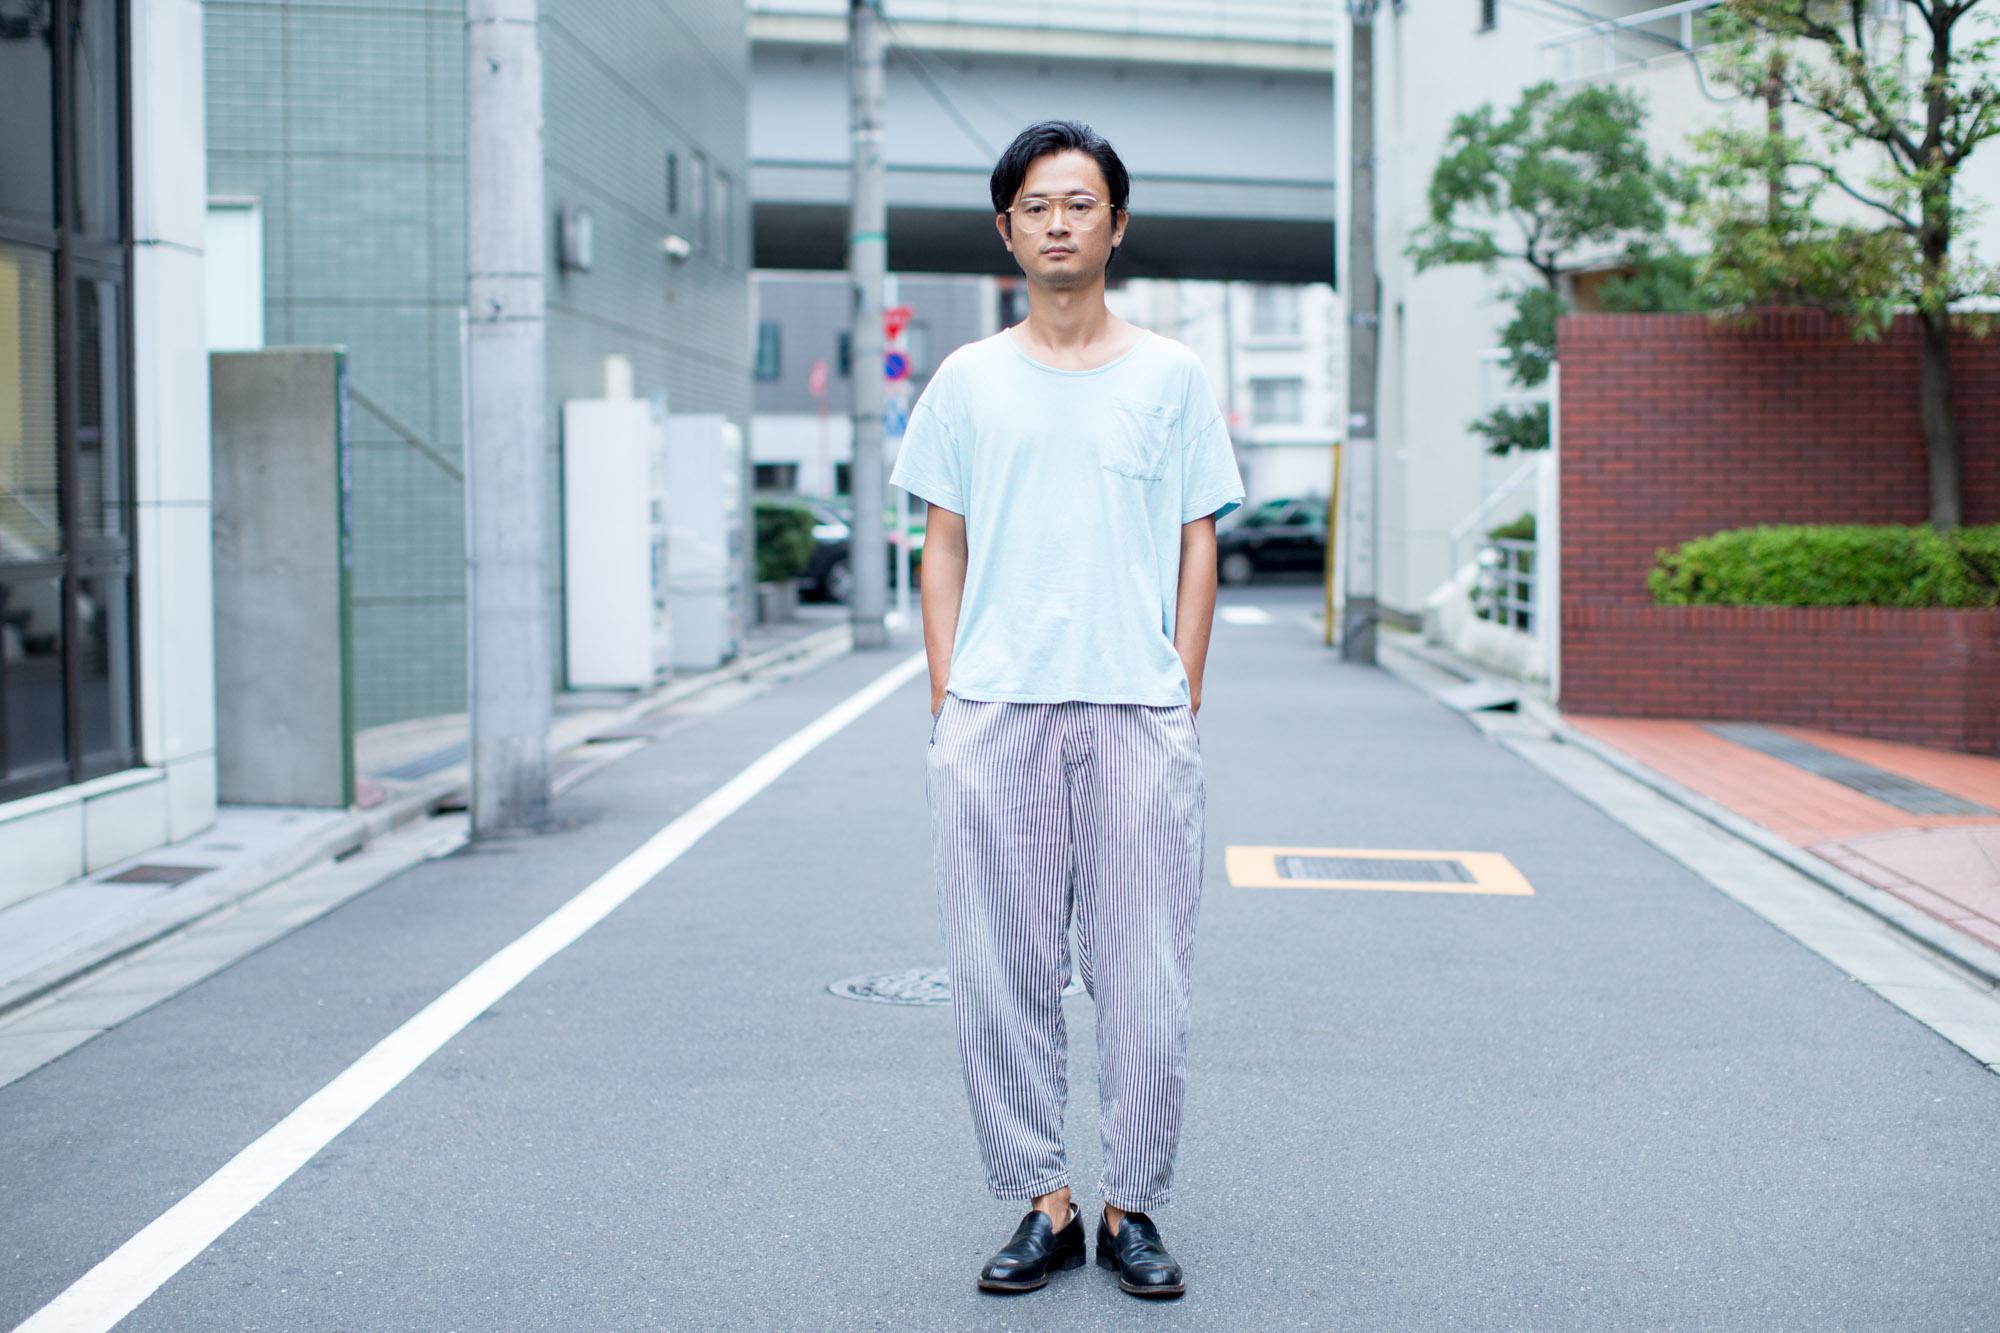 1_MG_9094 ぺトロールズ・長岡亮介、フジロックまでのドライビングミュージックを妄想!